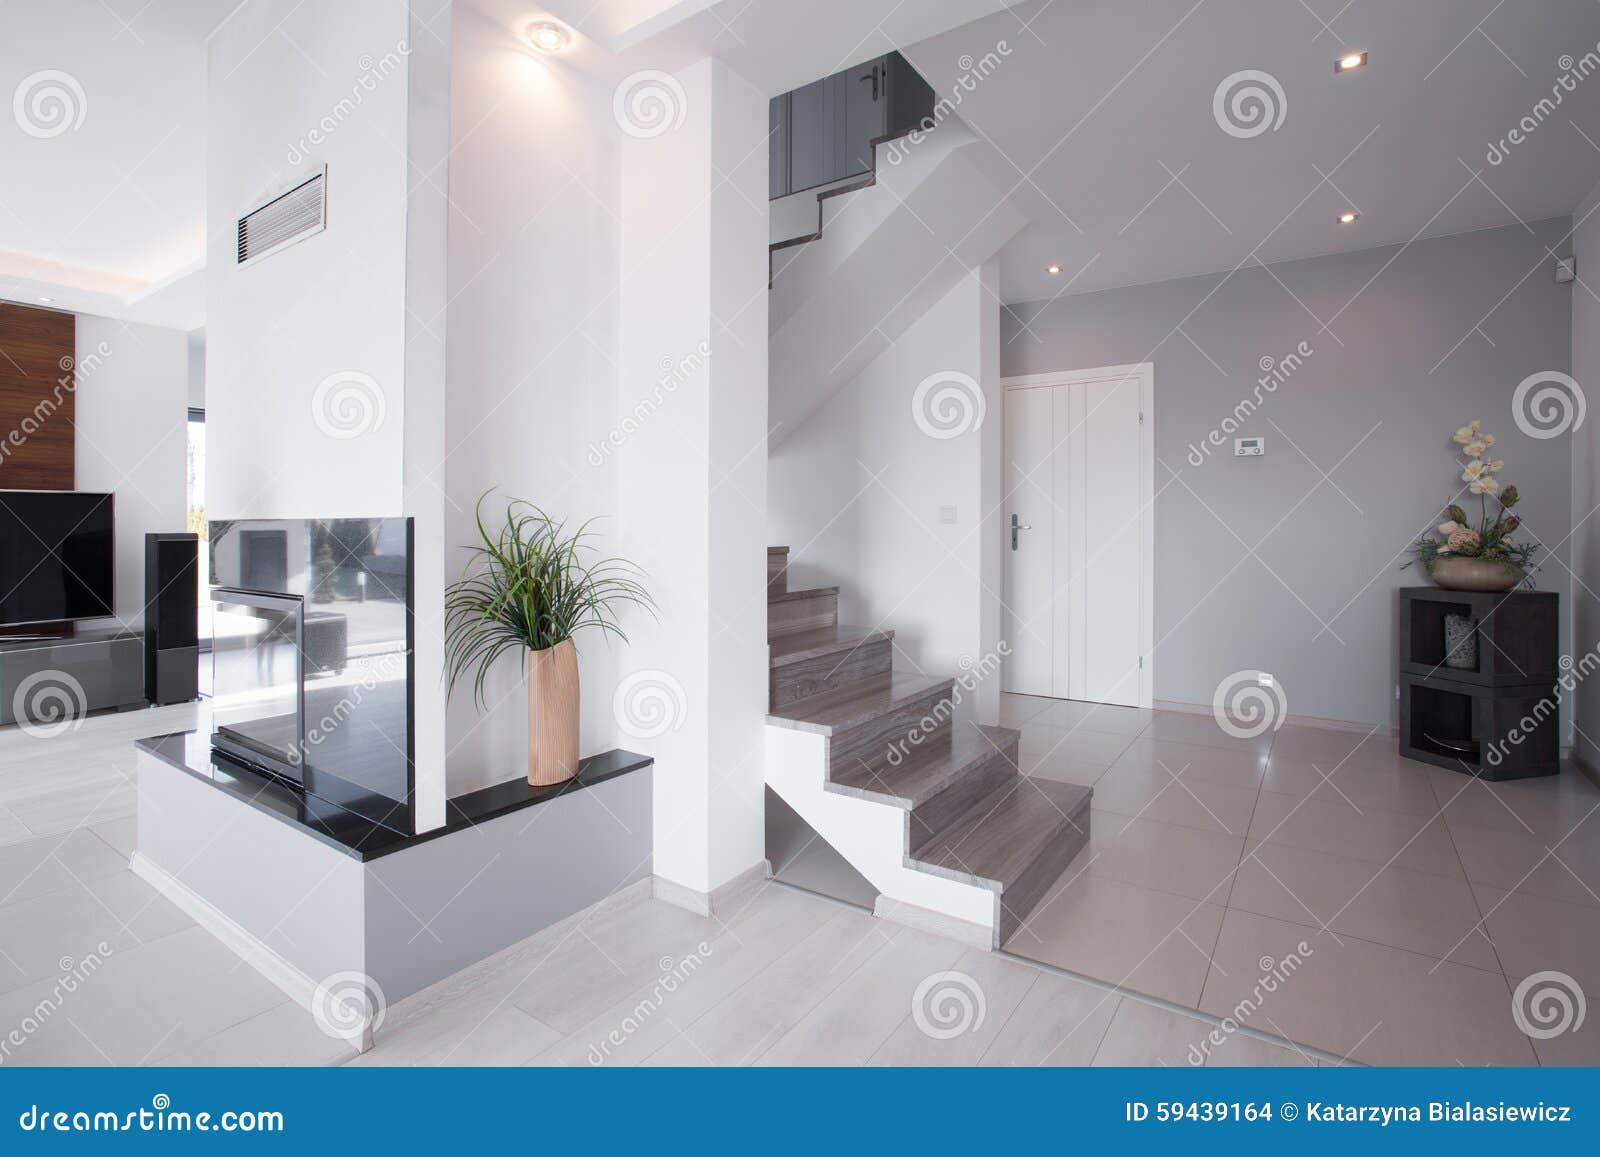 Modernes Treppenhaus Im Stilvollen Haus Stockfoto Bild Von Haus